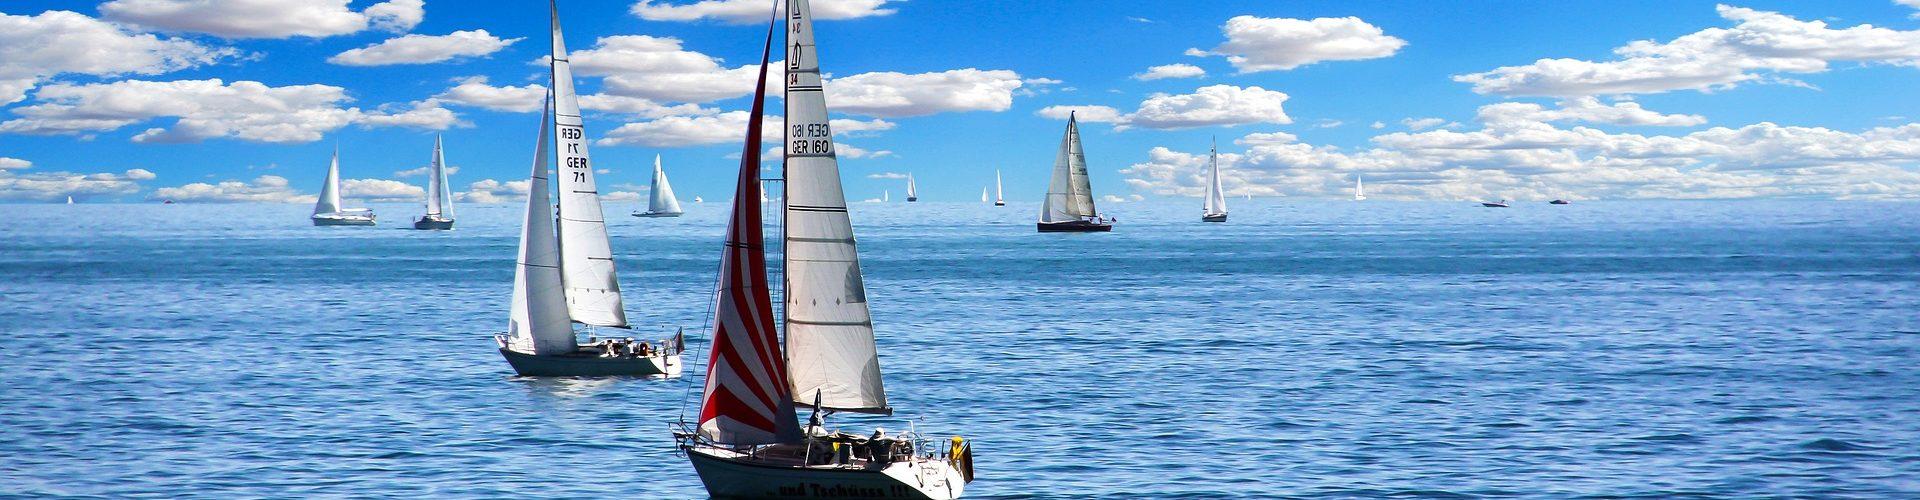 segeln lernen in Juist segelschein machen in Juist 1920x500 - Segeln lernen in Juist